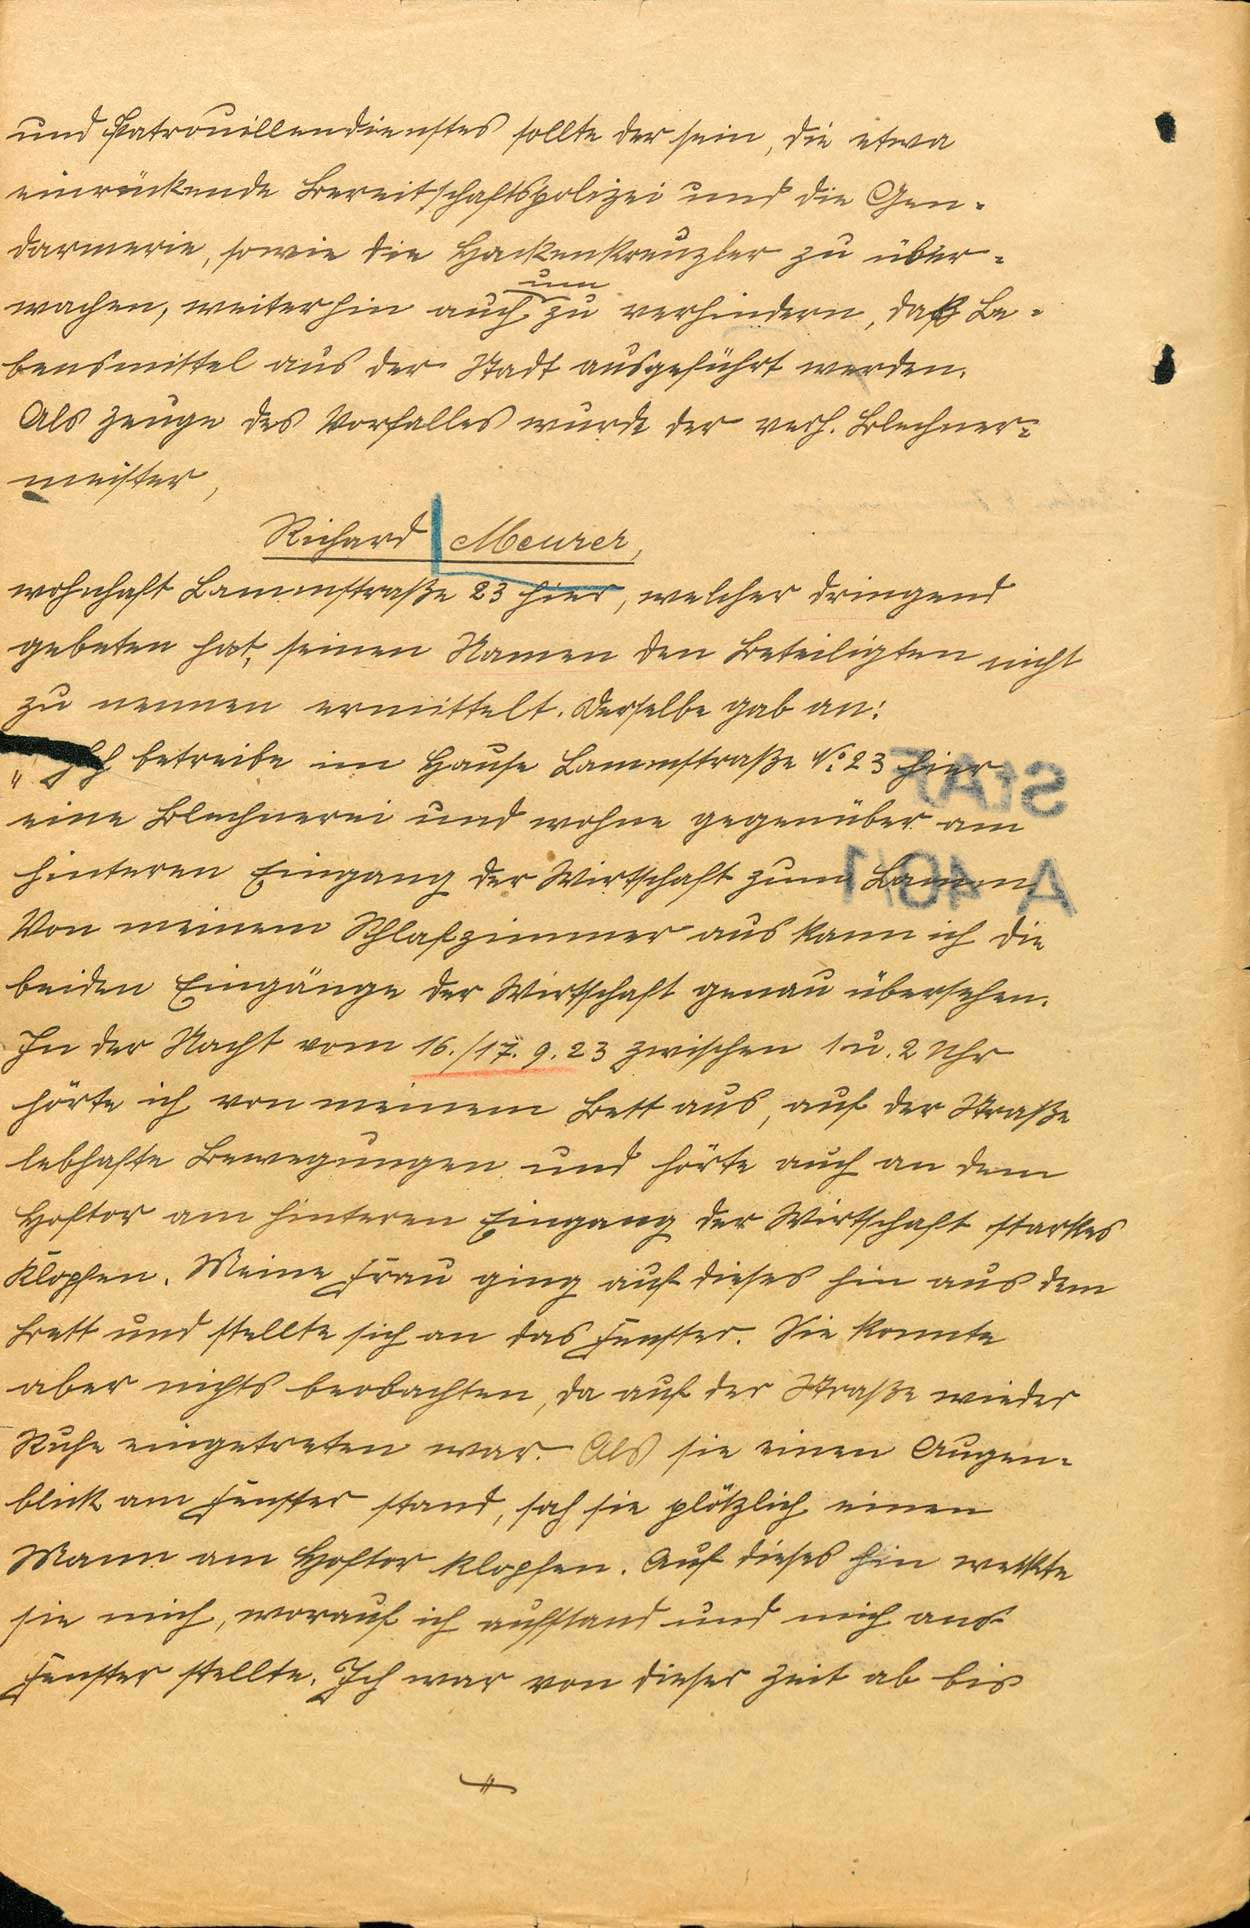 Untersuchung gegen Johann Georg Wirth und andere Personen, Lahr wegen Landfriedensbruch (Beteiligung an den kommunistischen Unruhen in Lahr, Nov. 1923), Bild 2